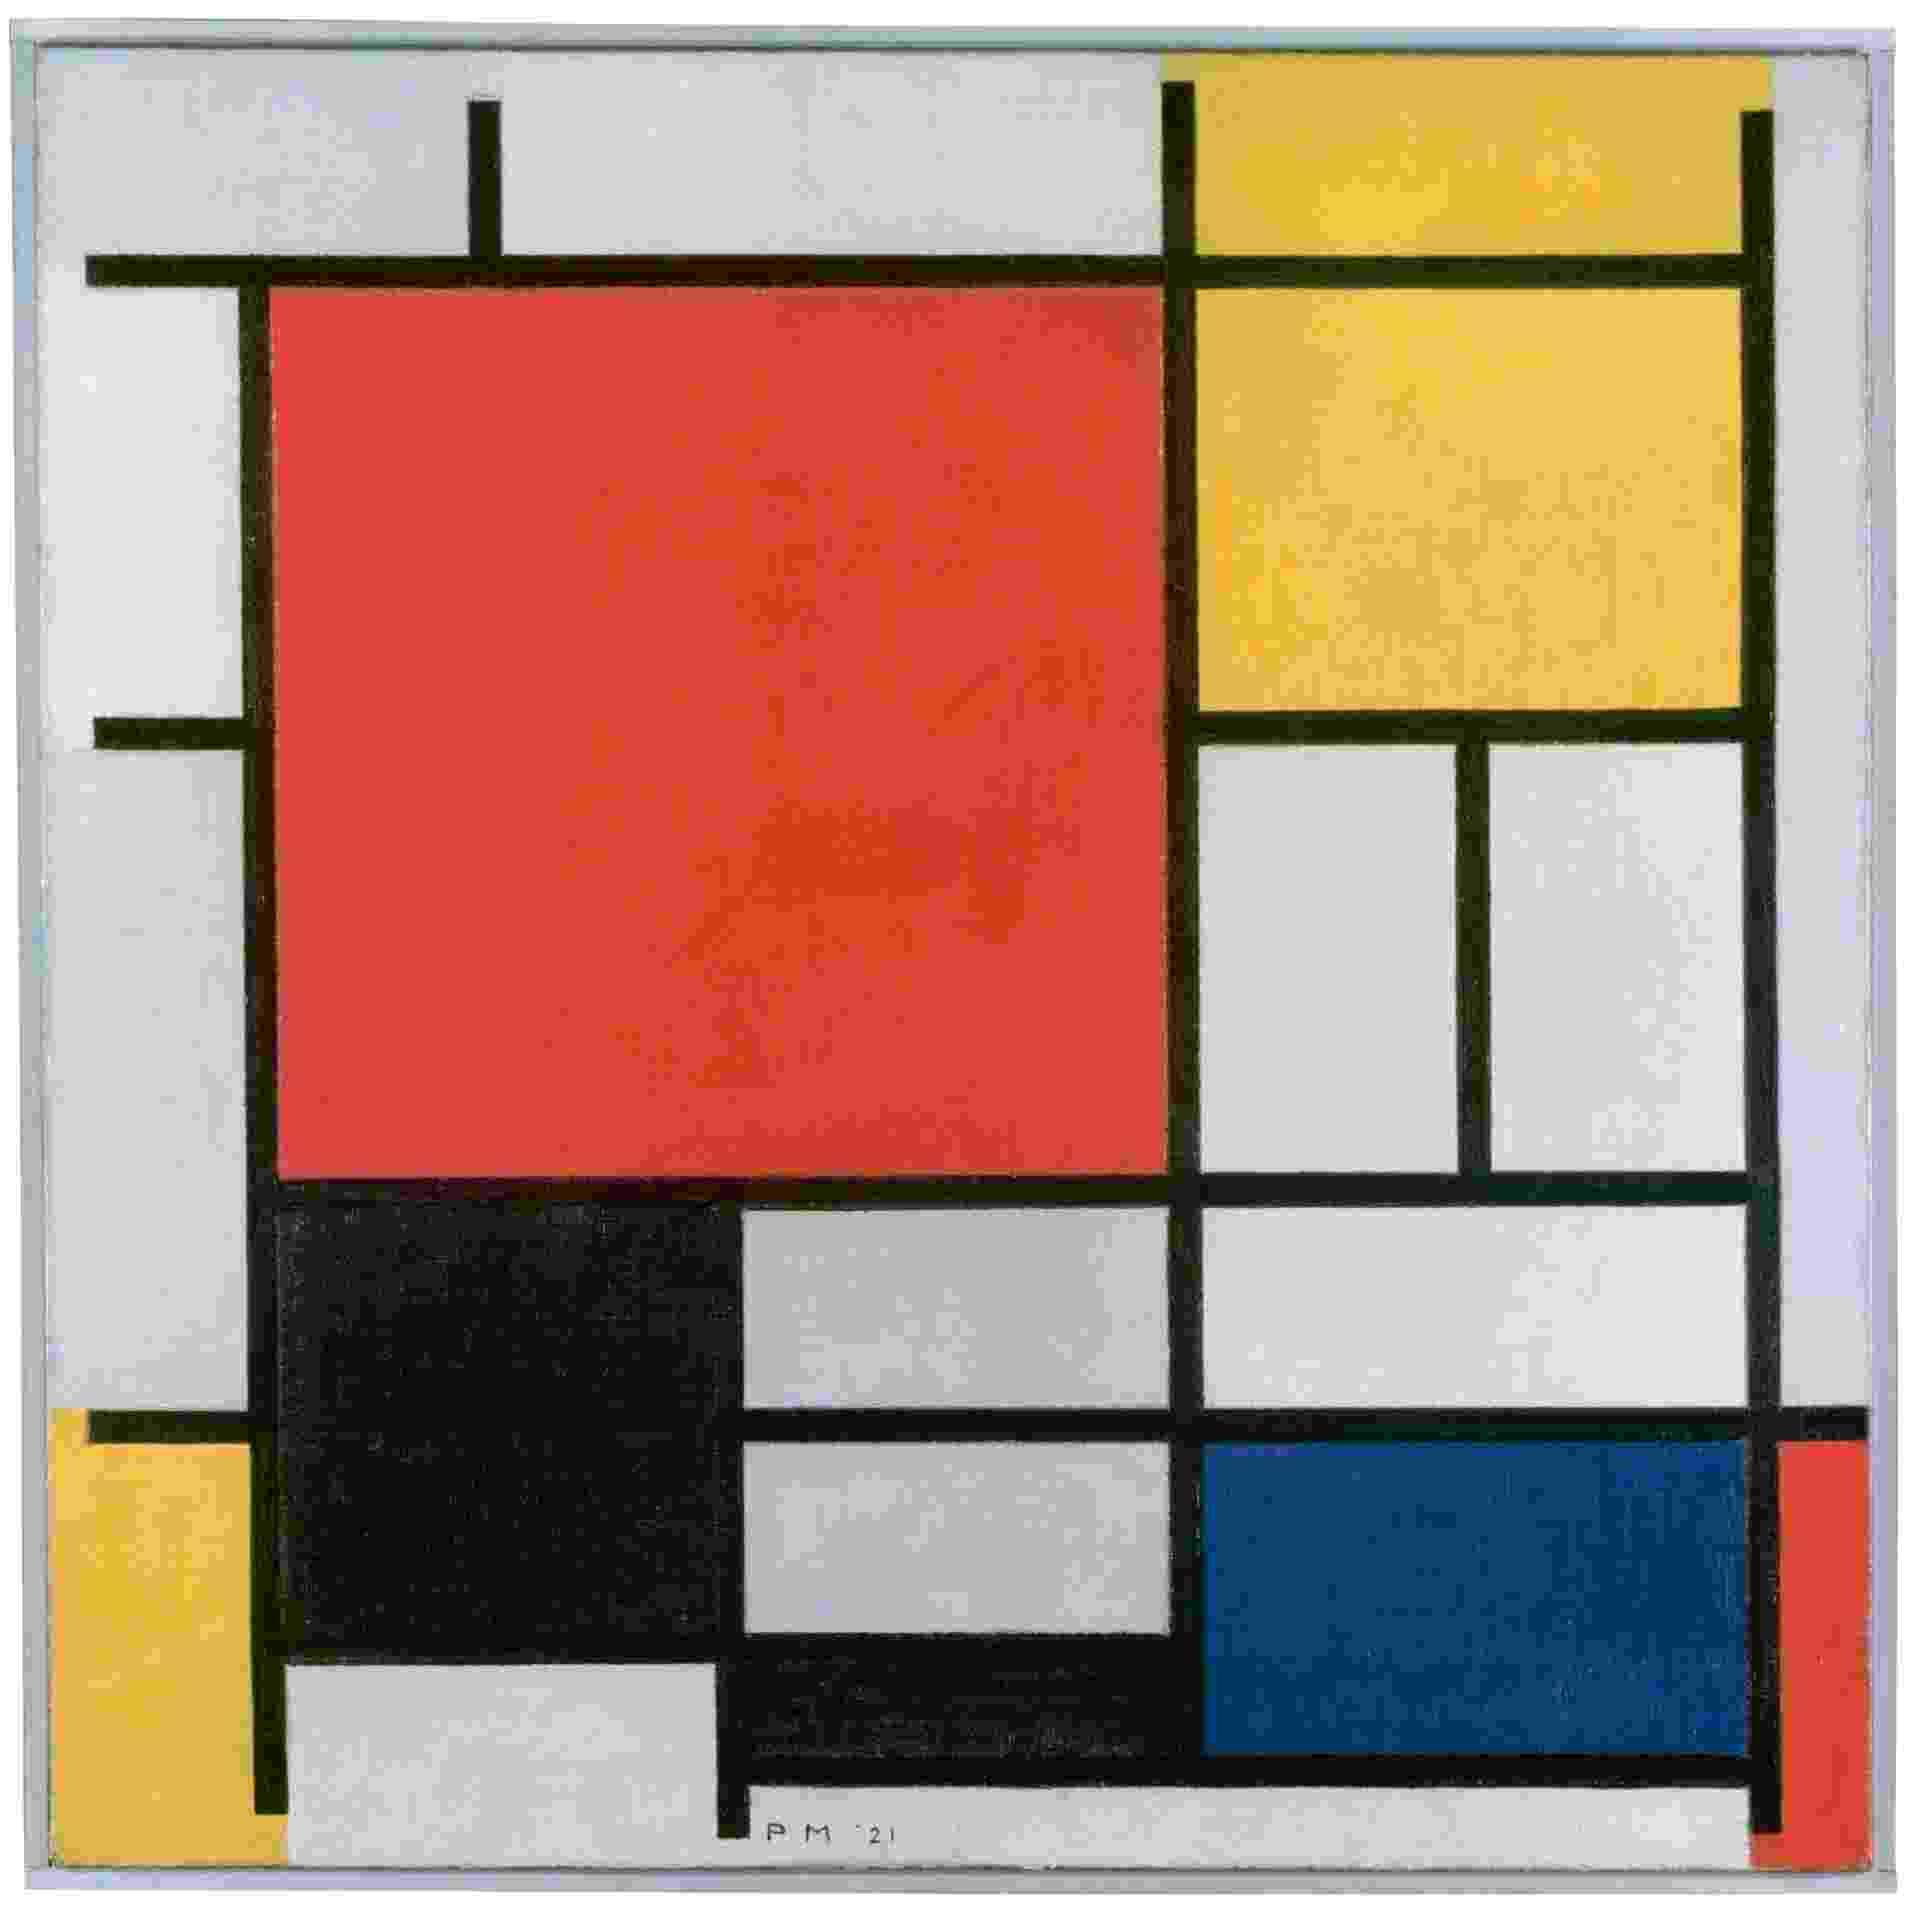 Piet Mondrian, Composição com grande plano vermelho, amarelo, preto, cinza e azul (1921) - Gemeentemuseum, Den Haag, Holanda